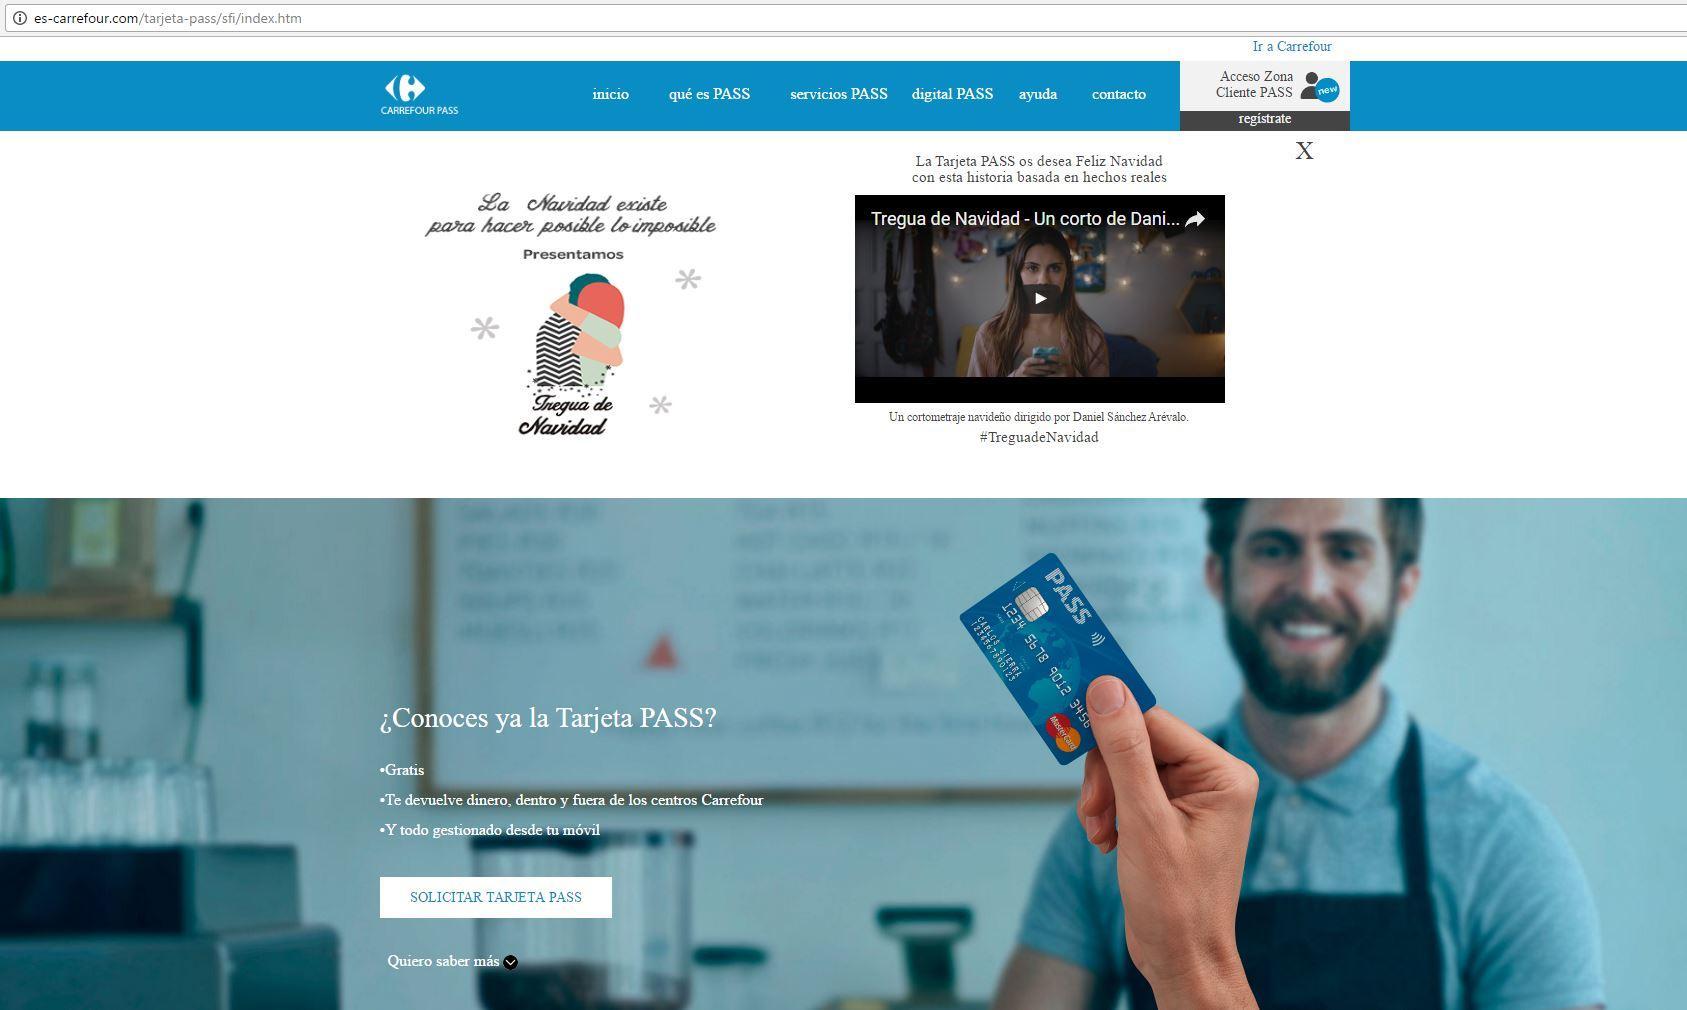 Carrefour De Nuevo La Imagen De Una Campana Phishing En Espana